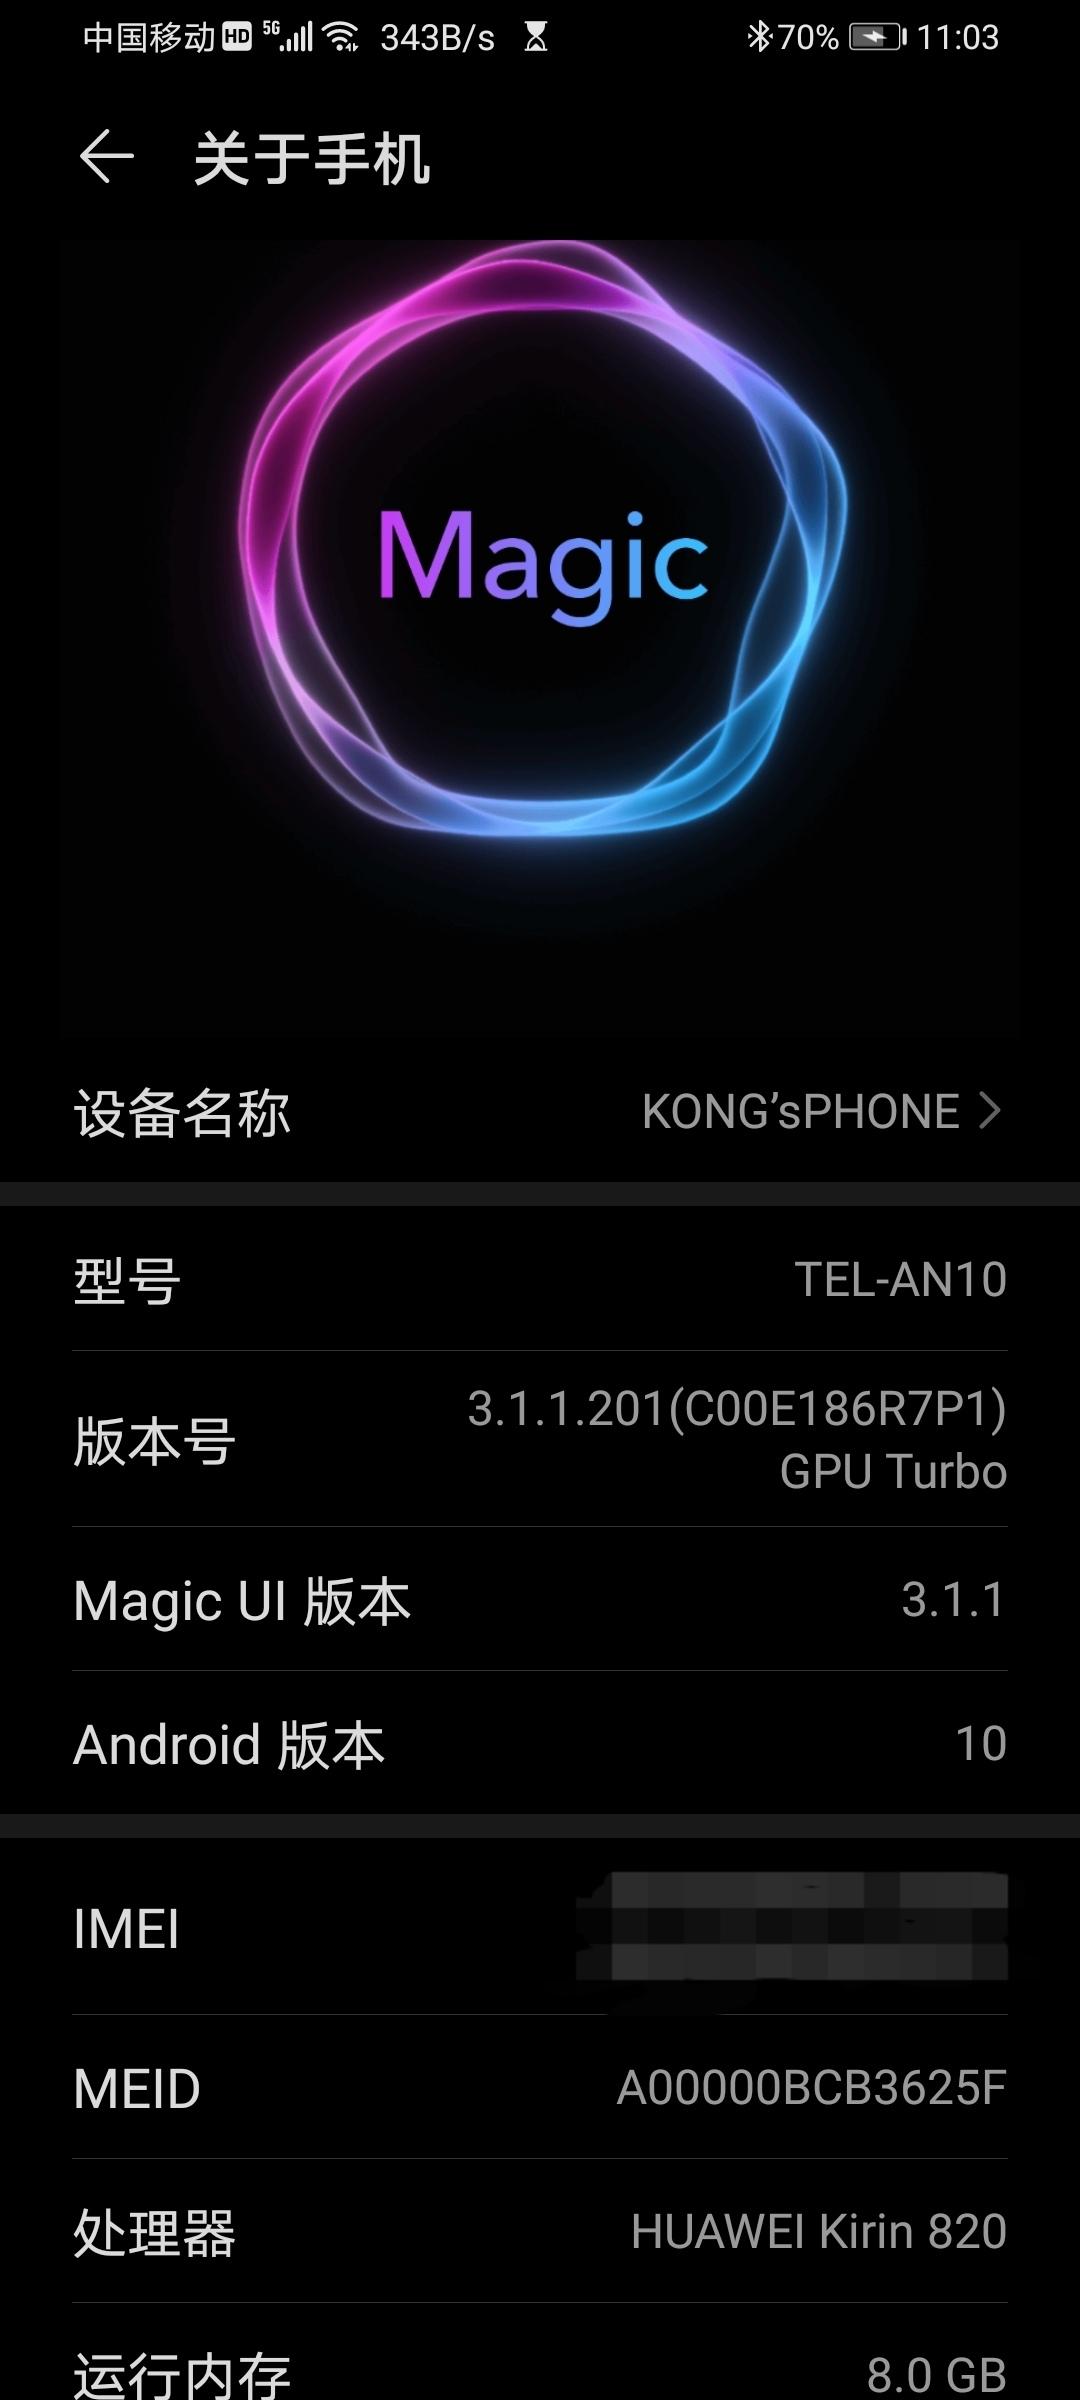 Screenshot_20210803_110456.jpg